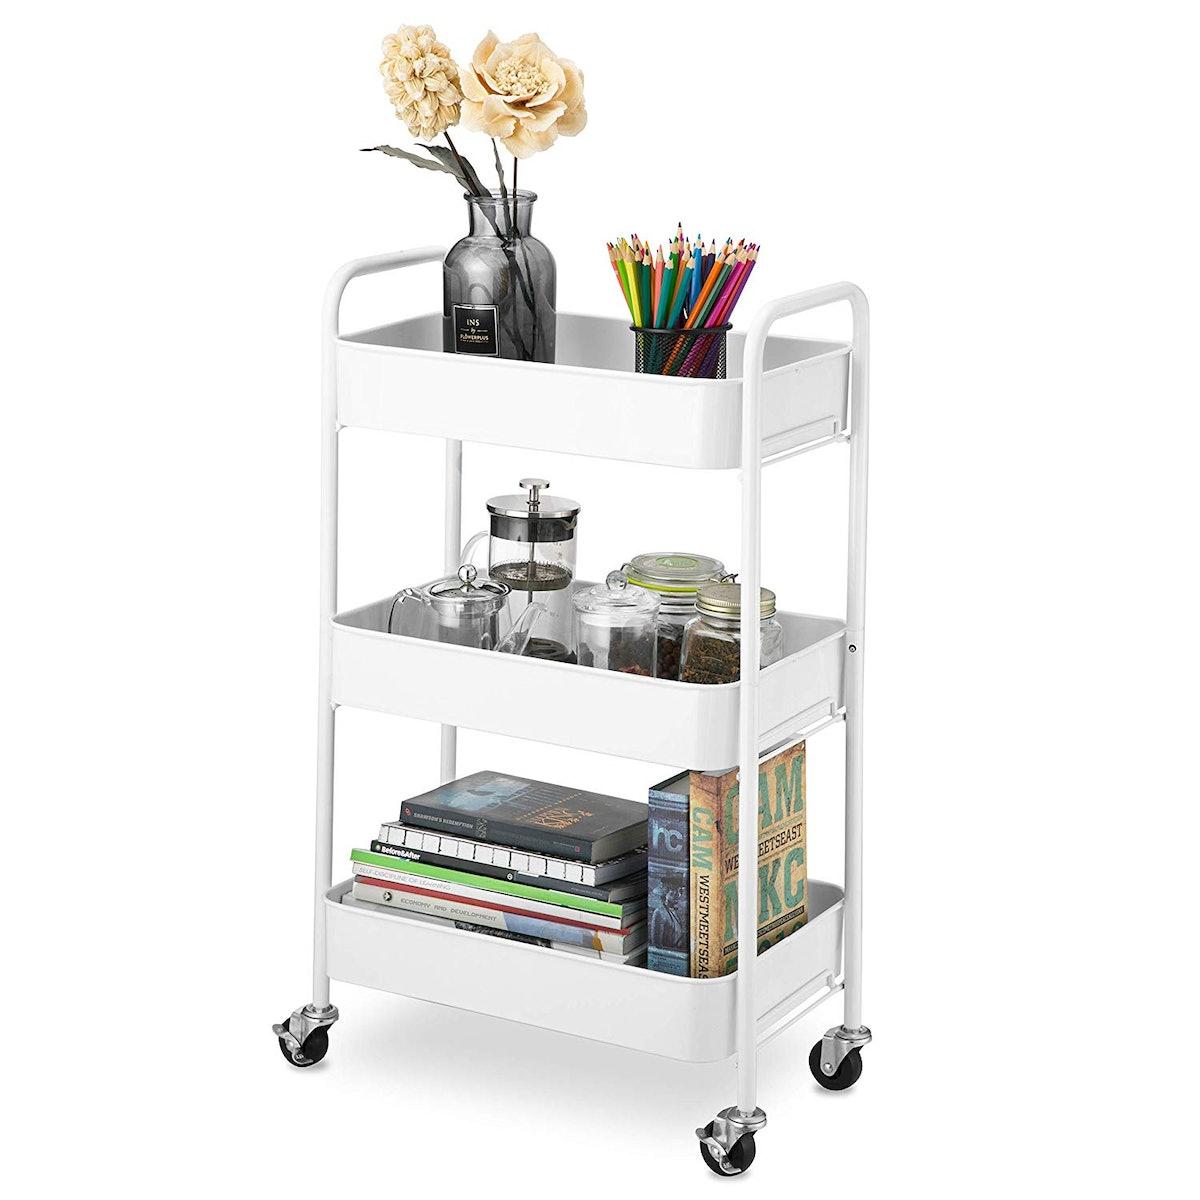 CAXXA 3-Tier Rolling Storage Cart